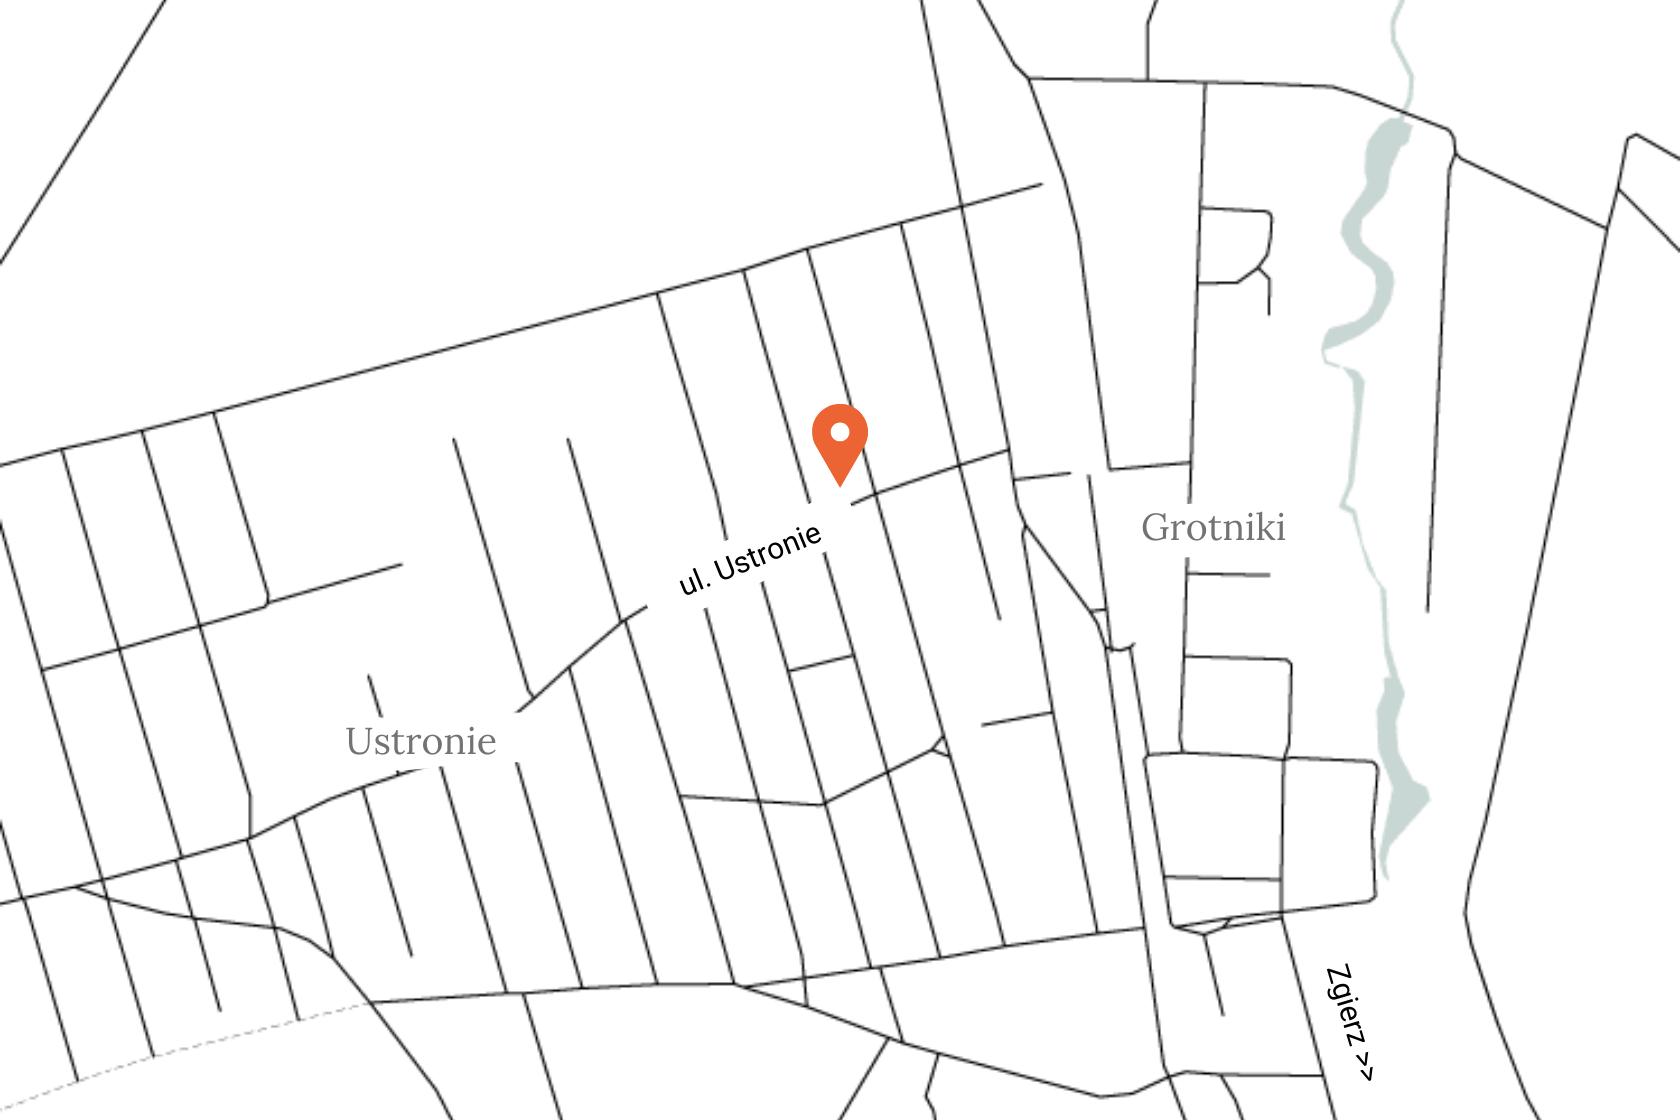 mapka dojazdu do biblioteki w ustroniu, gmina Zgierz